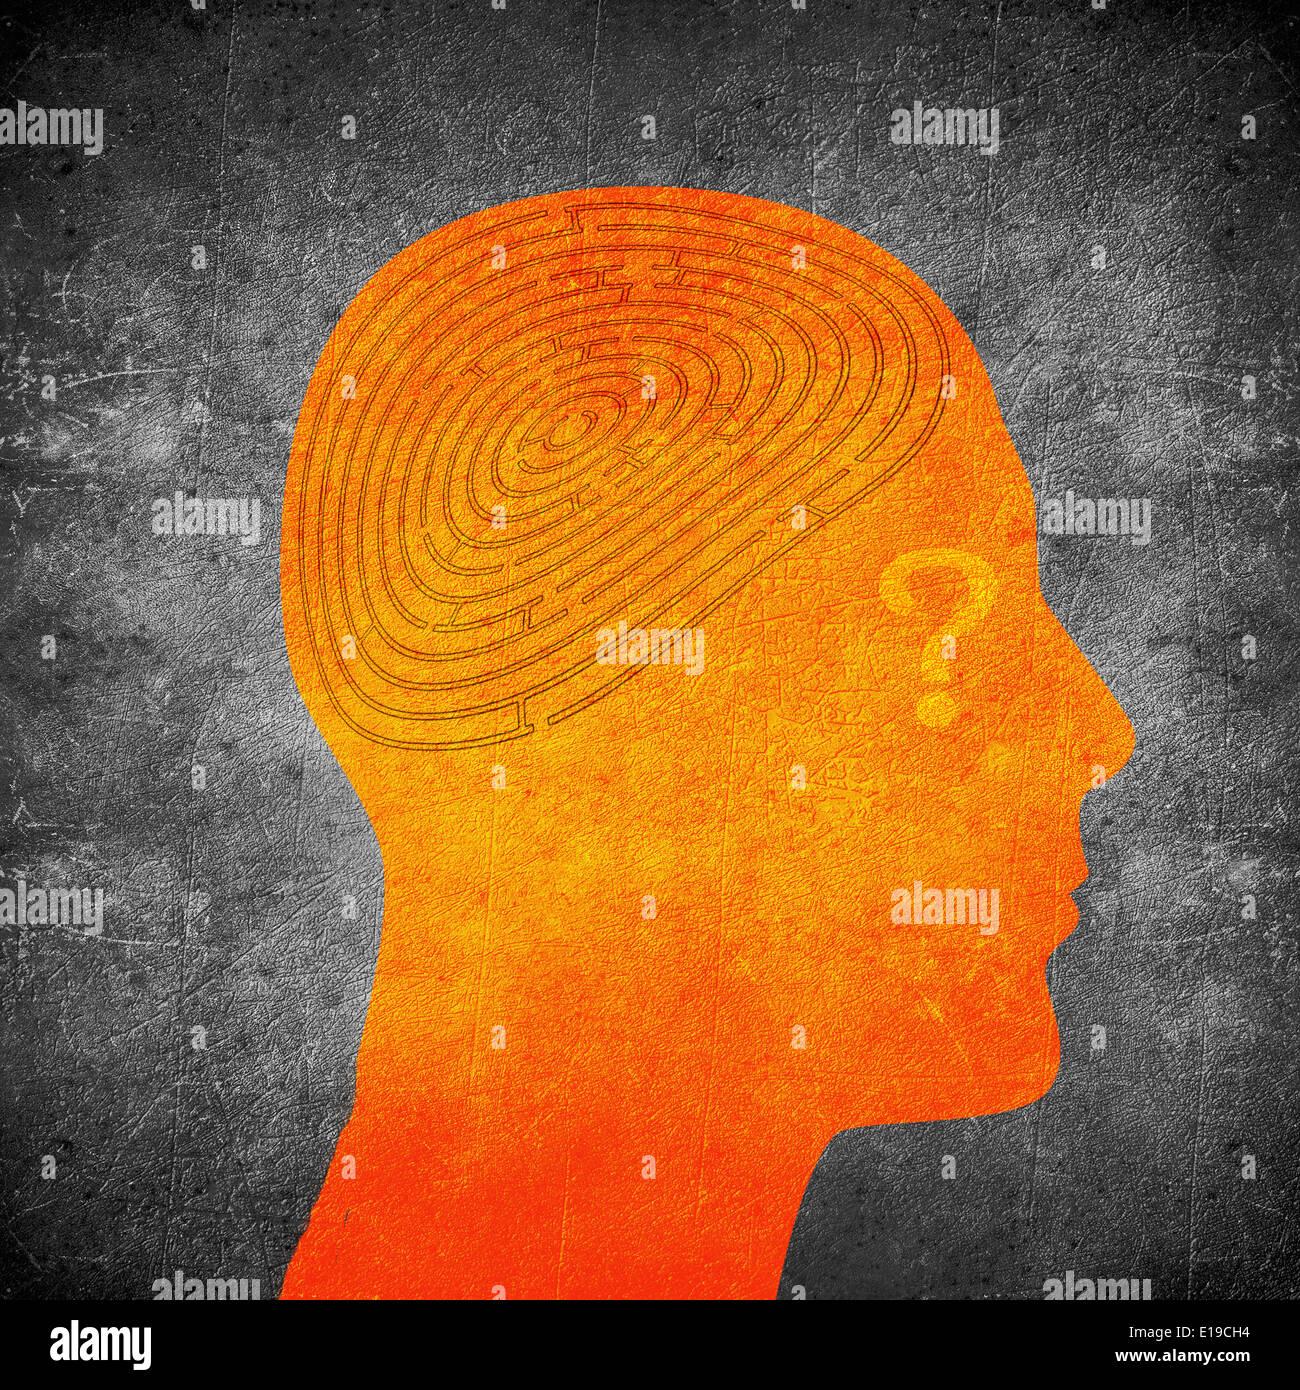 Arancione testa umana con il cervello a labirinto Immagini Stock